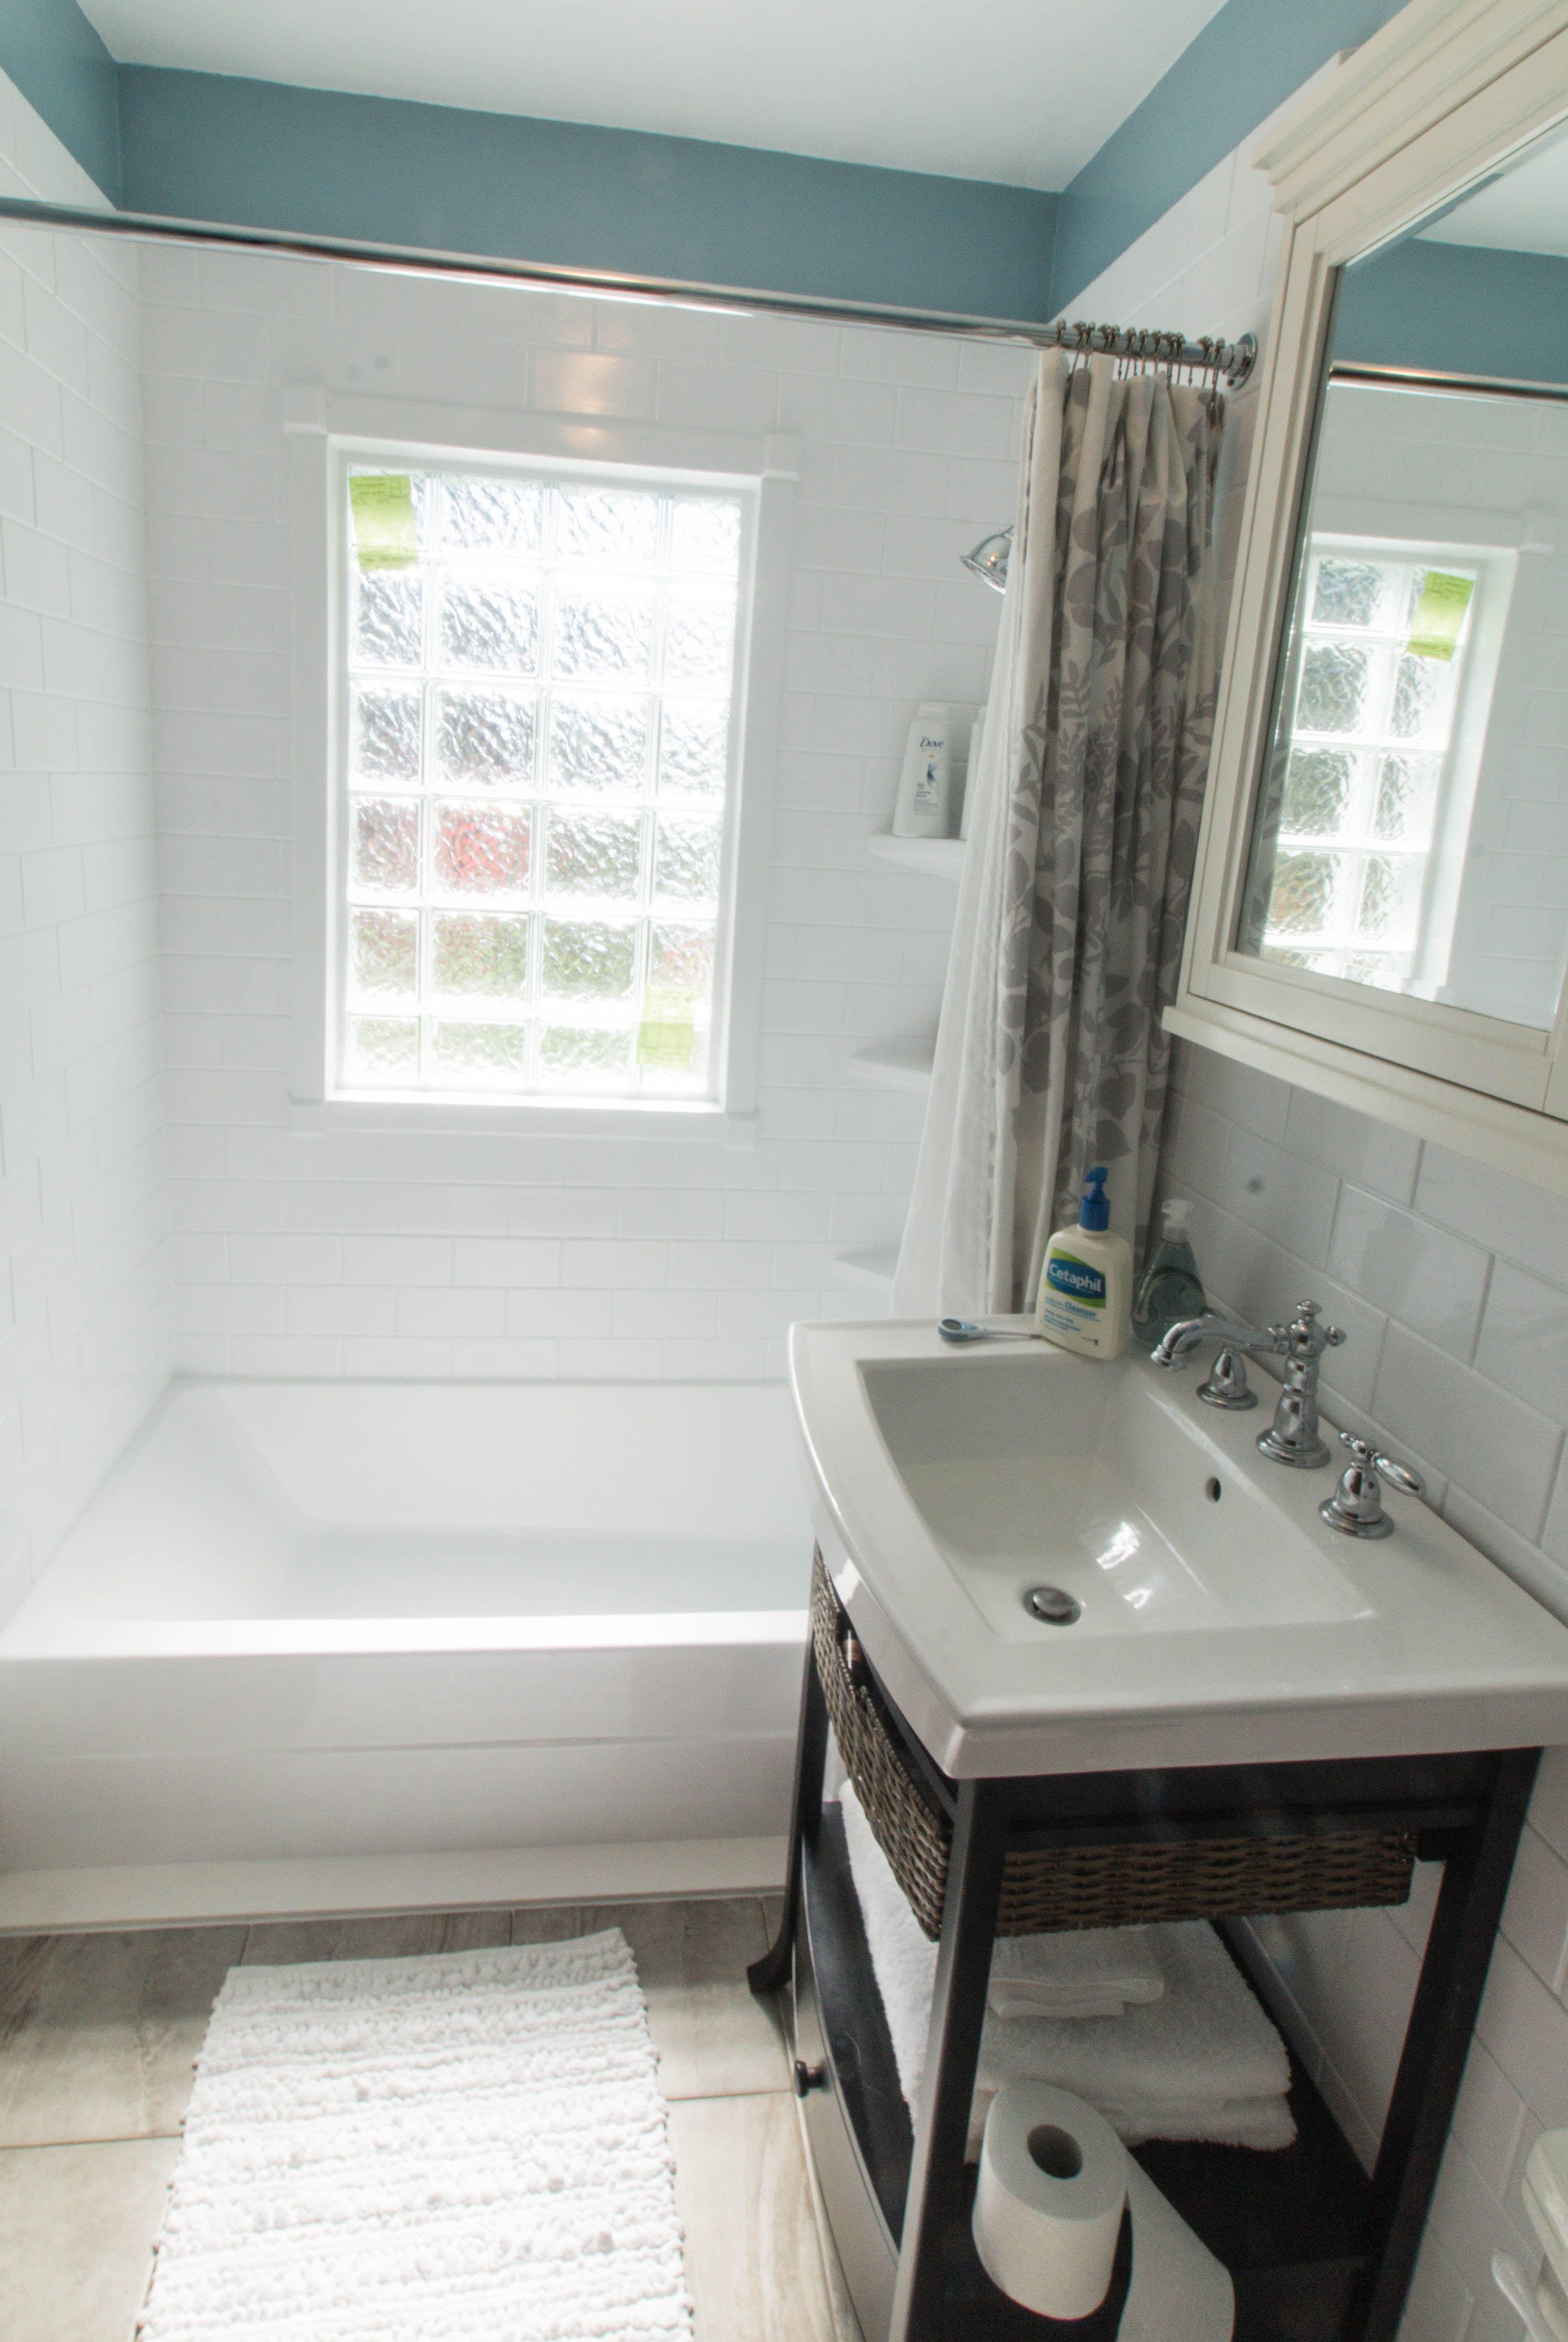 small bathroom #remodel done by Re-Bath Omaha in DuraBath ...